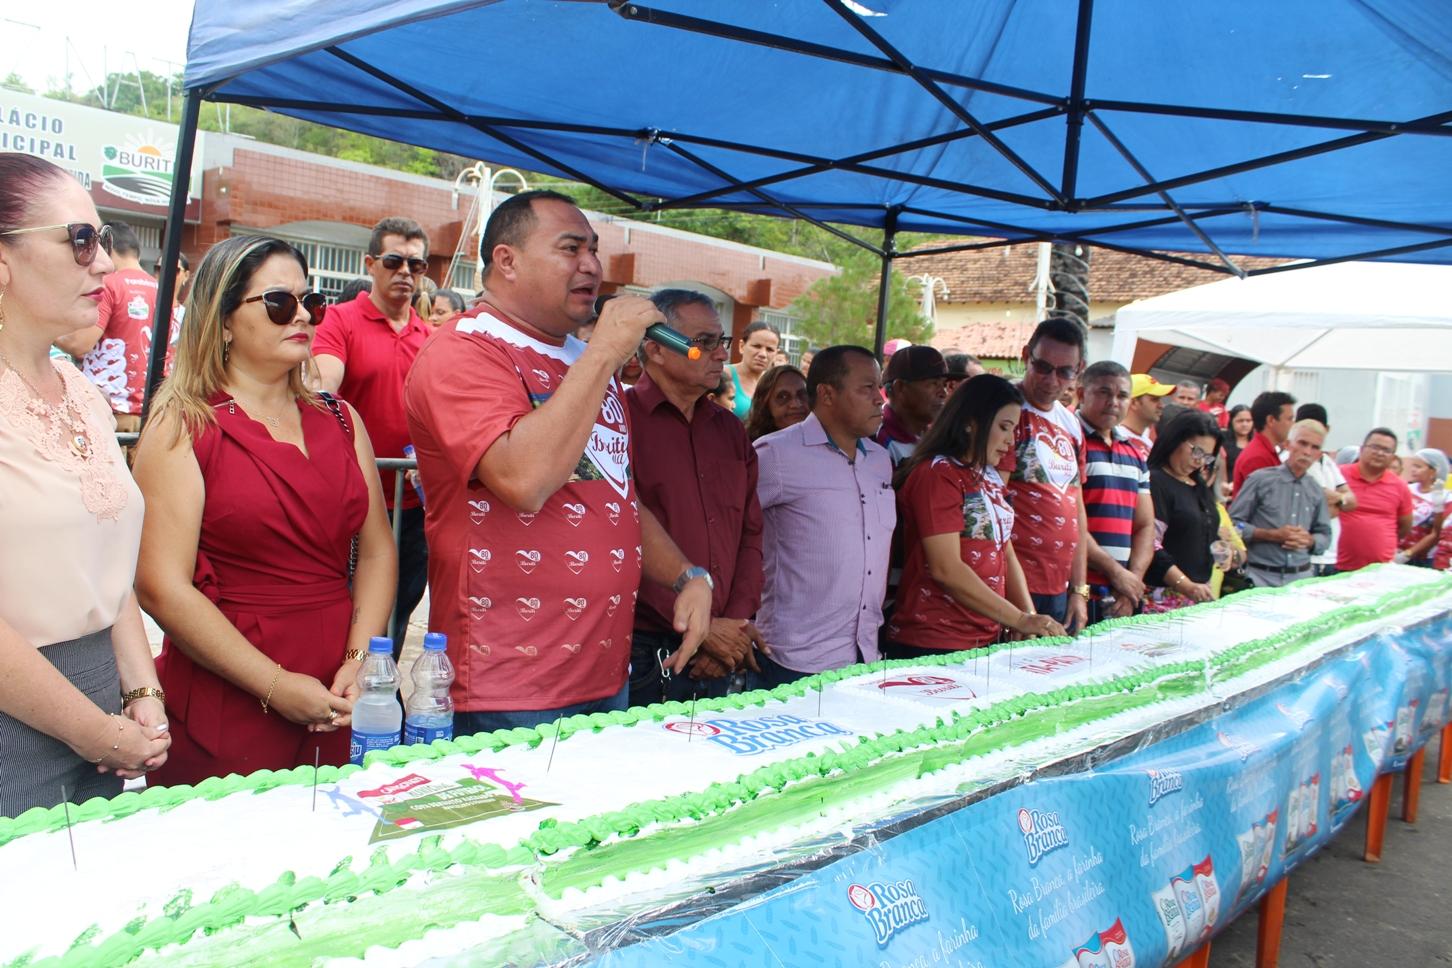 BURITI / MA – Naldo Batista presenteia o buritiense nos 80 anos com Festa e Ação Social